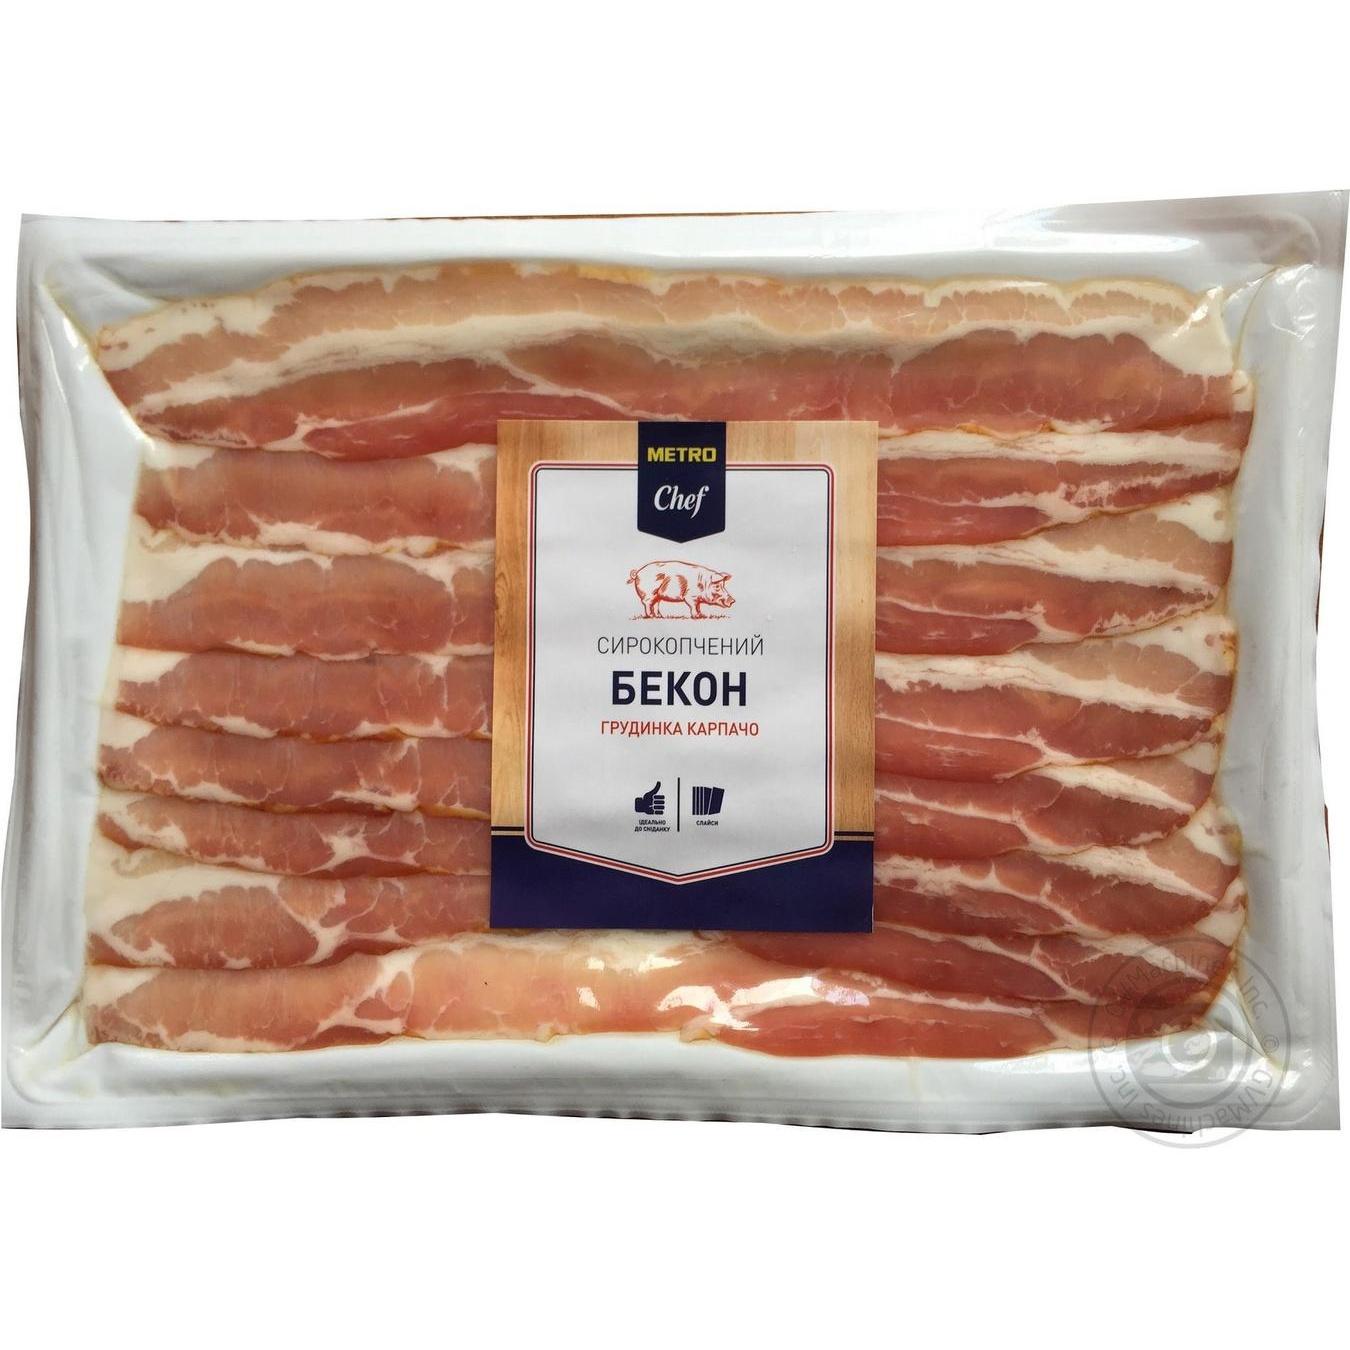 Купить Бекон METRO Chef сырокопченый грудинка карпаччо 450г